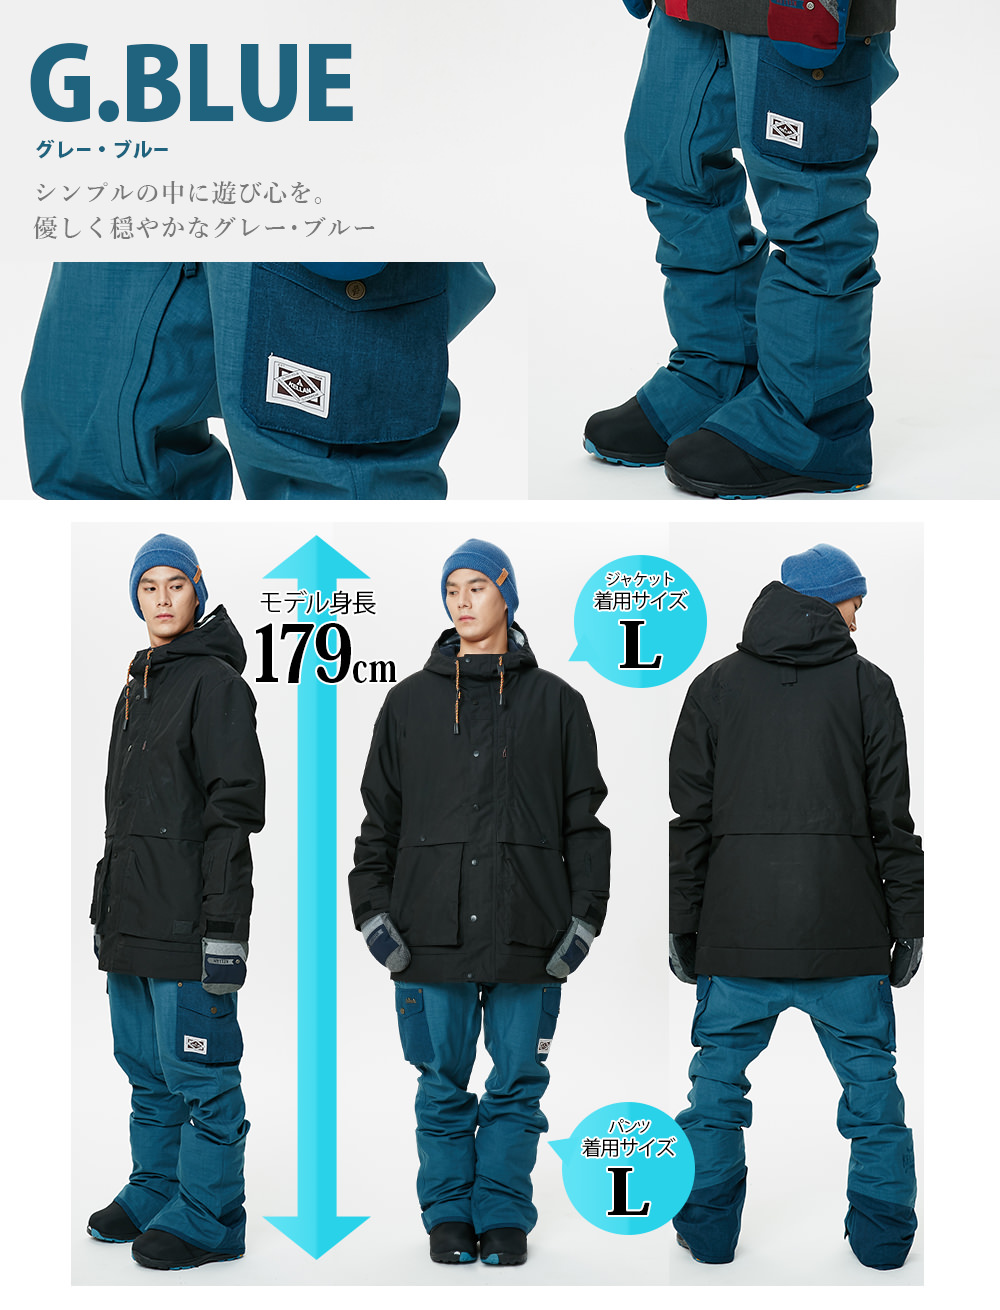 Kerann 巴克斯特裤子滑雪板滑雪服装男装是滑雪大尺寸压力耐水性凯兰巴克斯特 PNT 9201